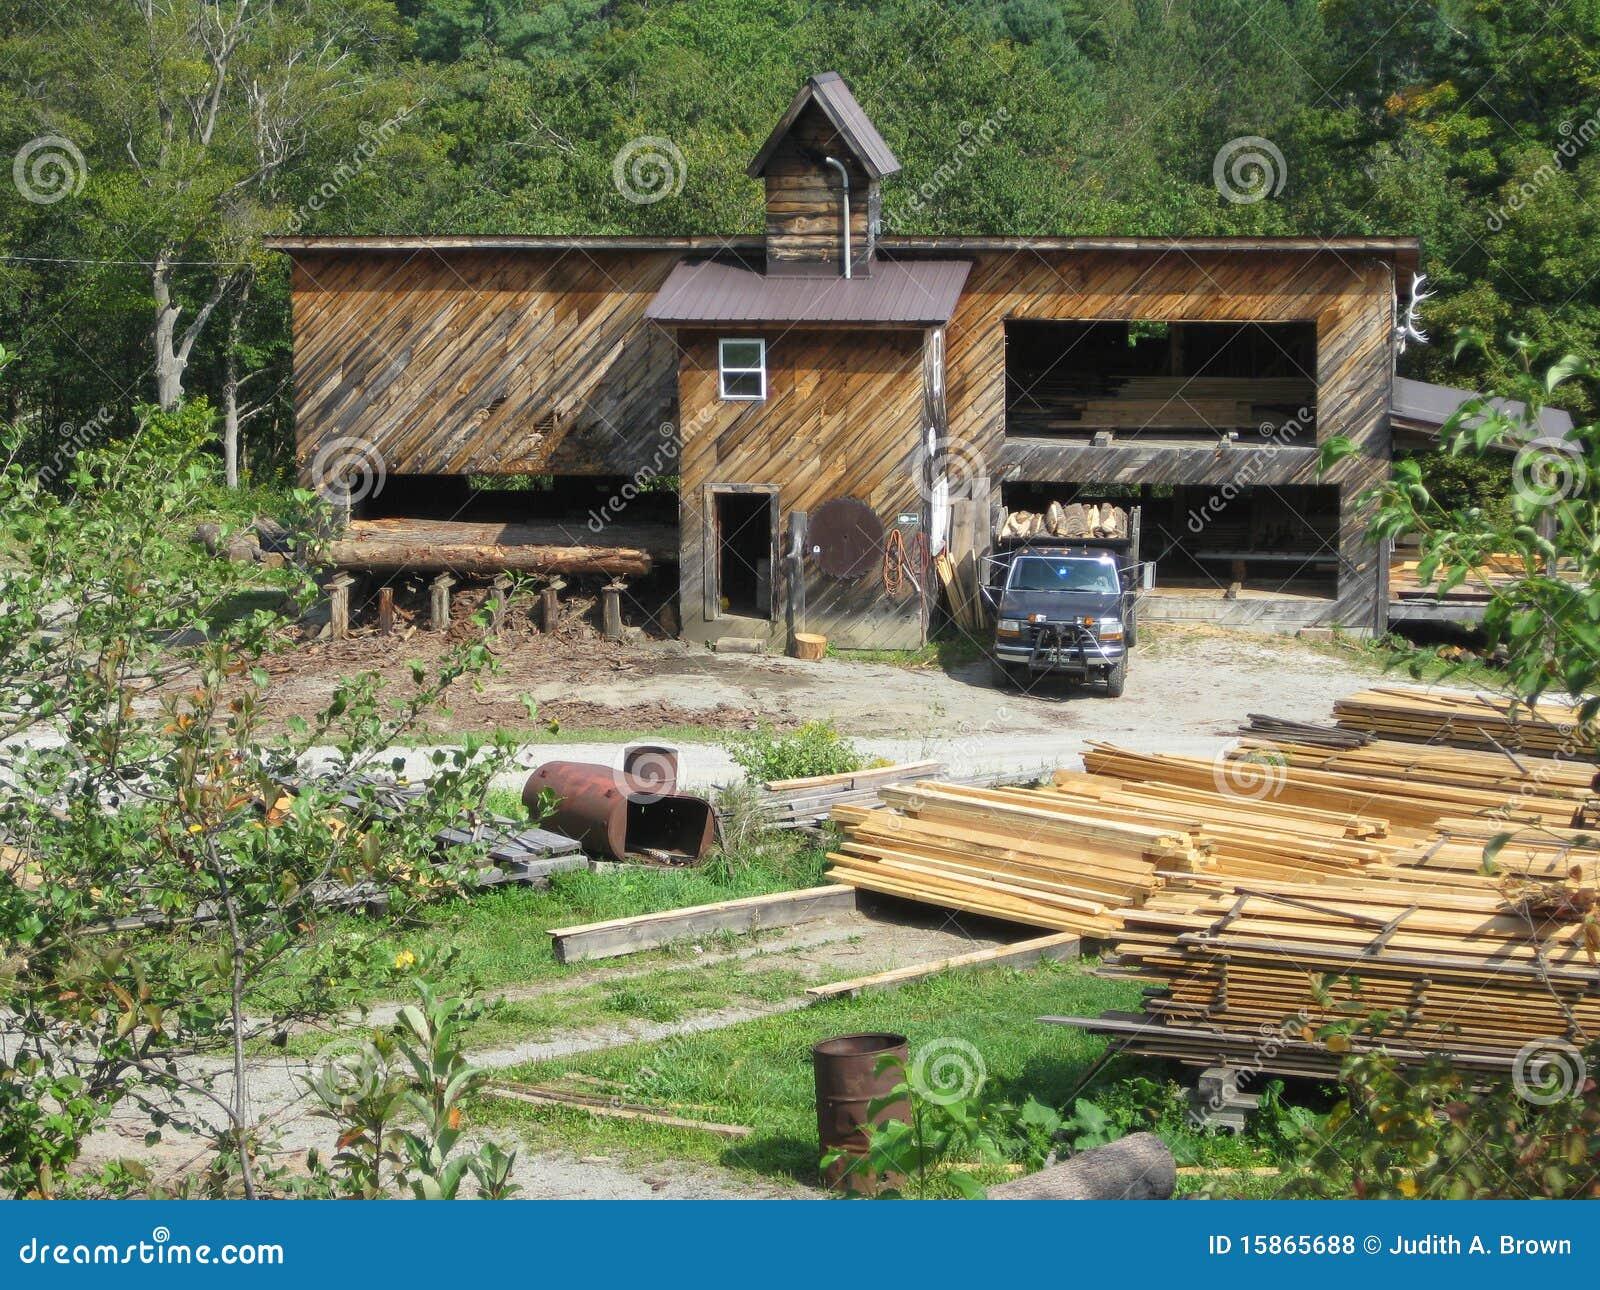 lumber yard business plan